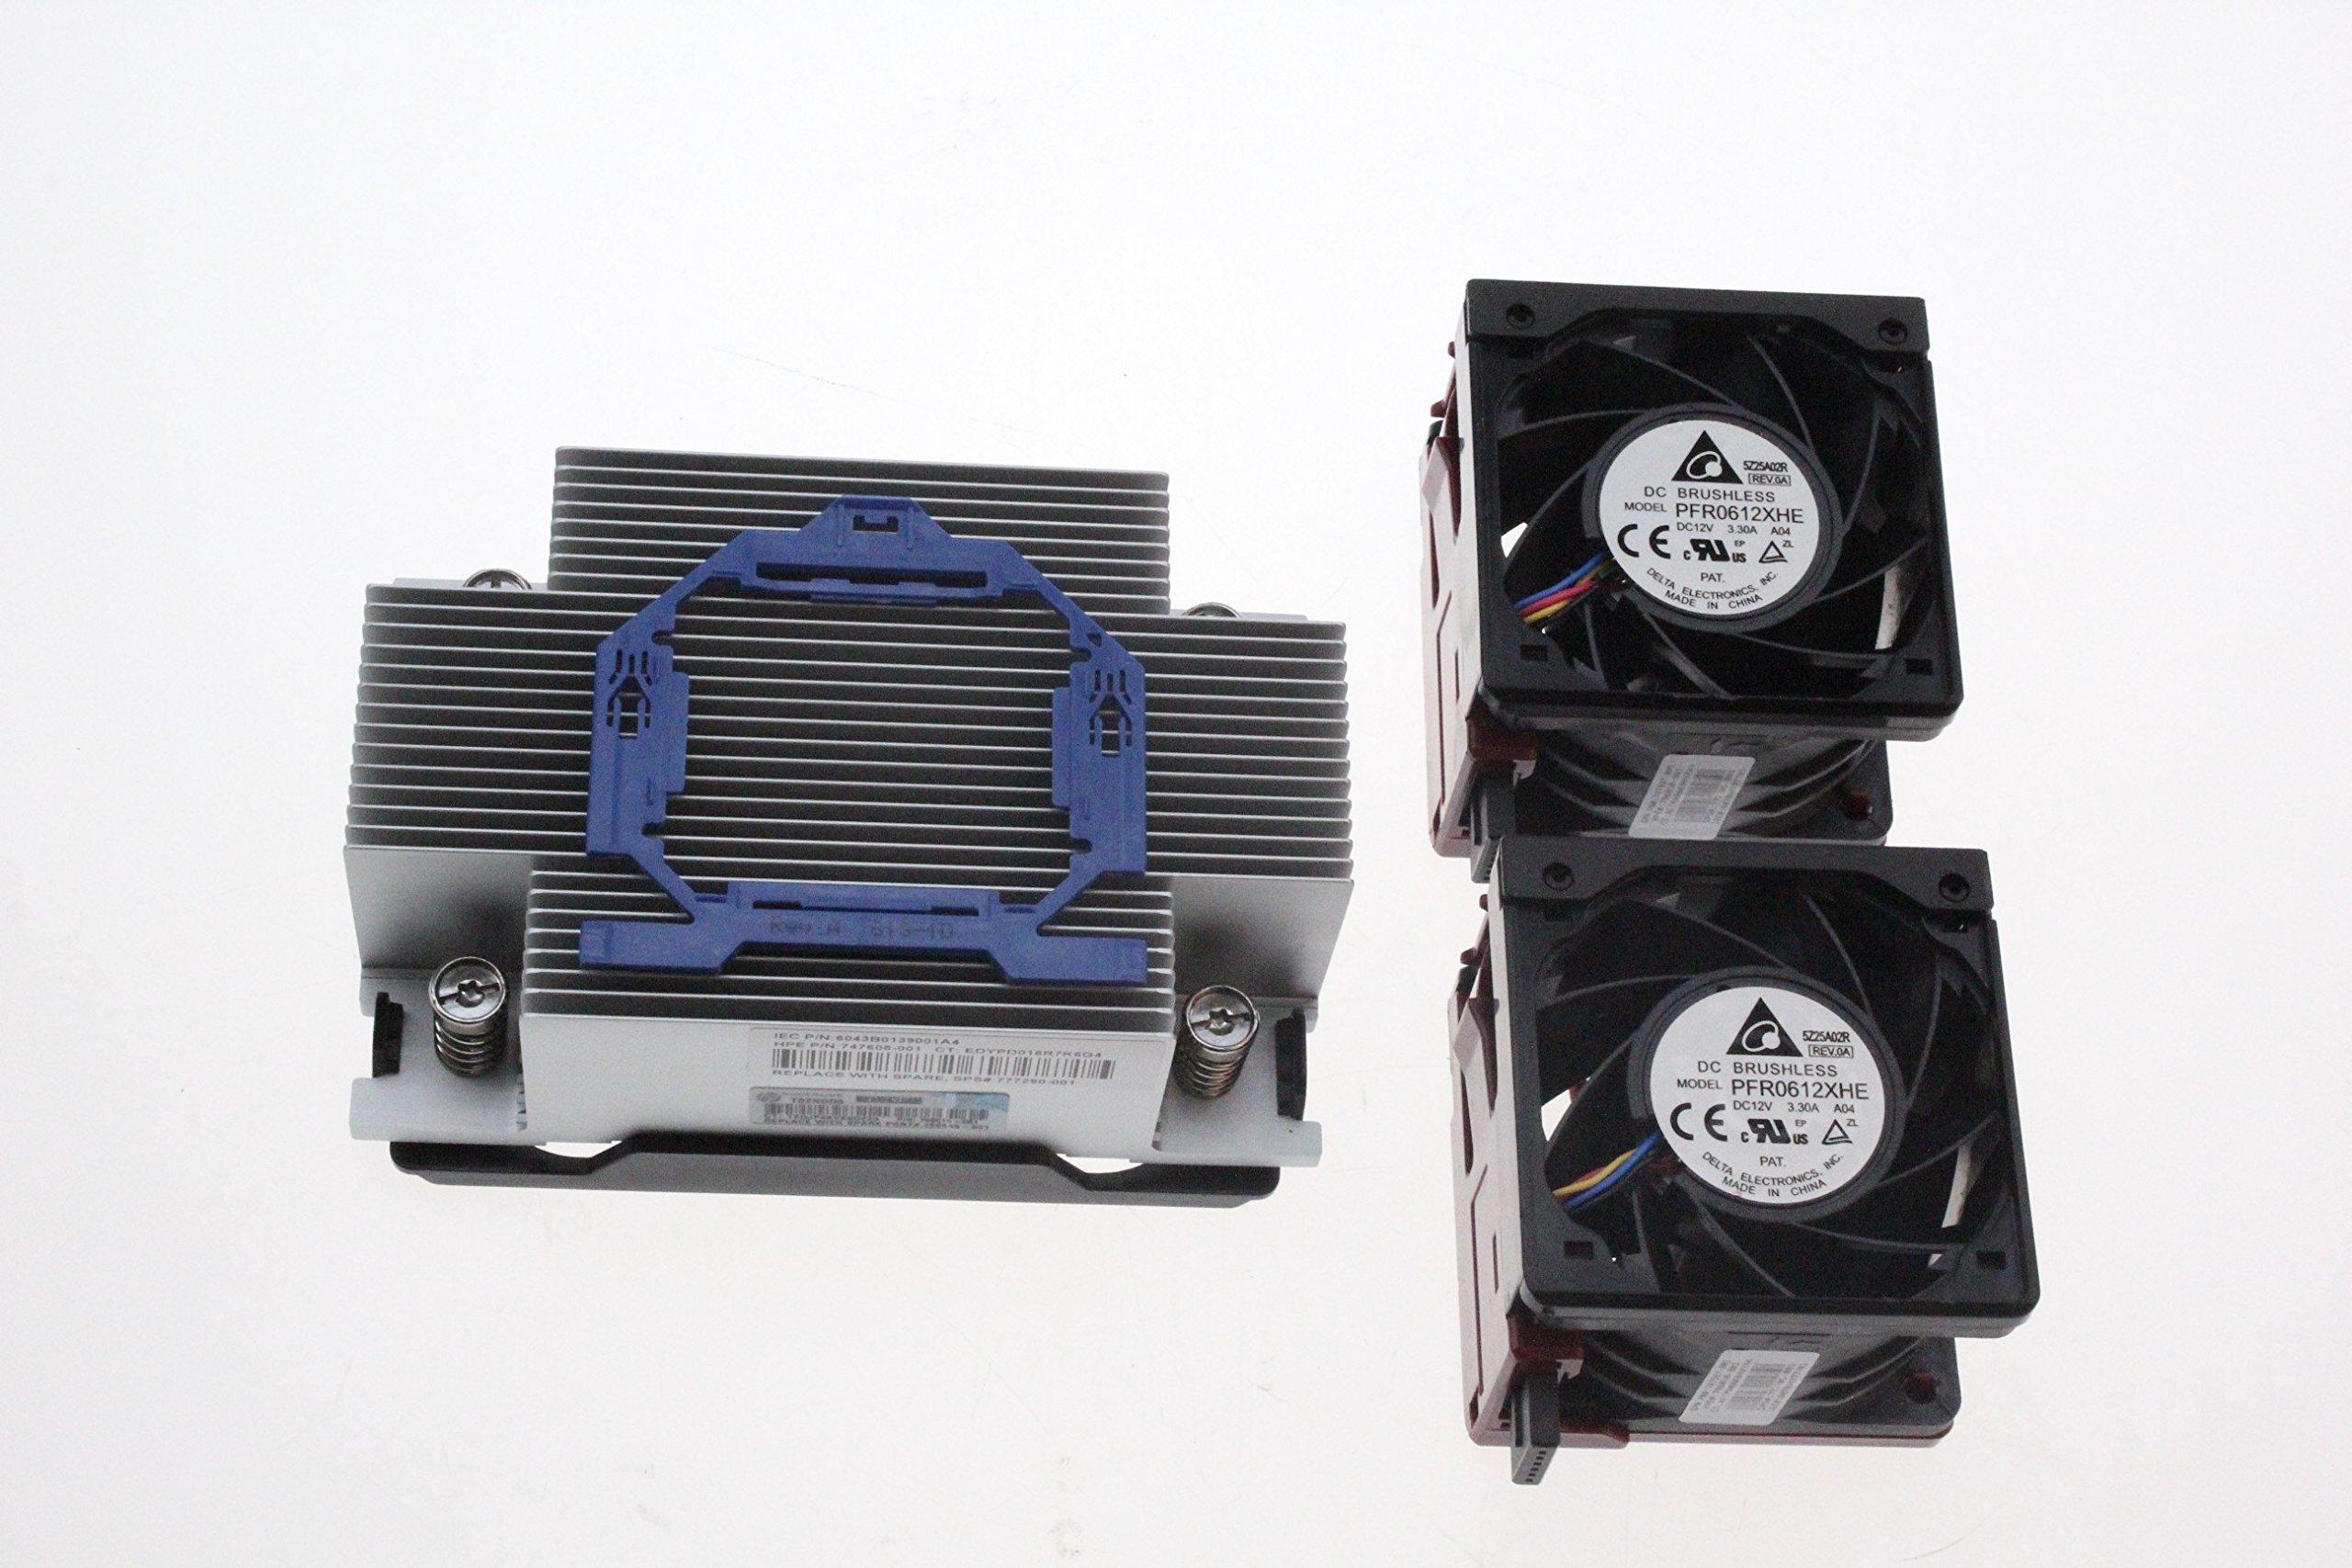 New for HP DL380 DL380p G9 Xeon CPU Kit, Heatsink 747608-001 2 Fans 747597-001 BestPartsCom by BestPartsCom